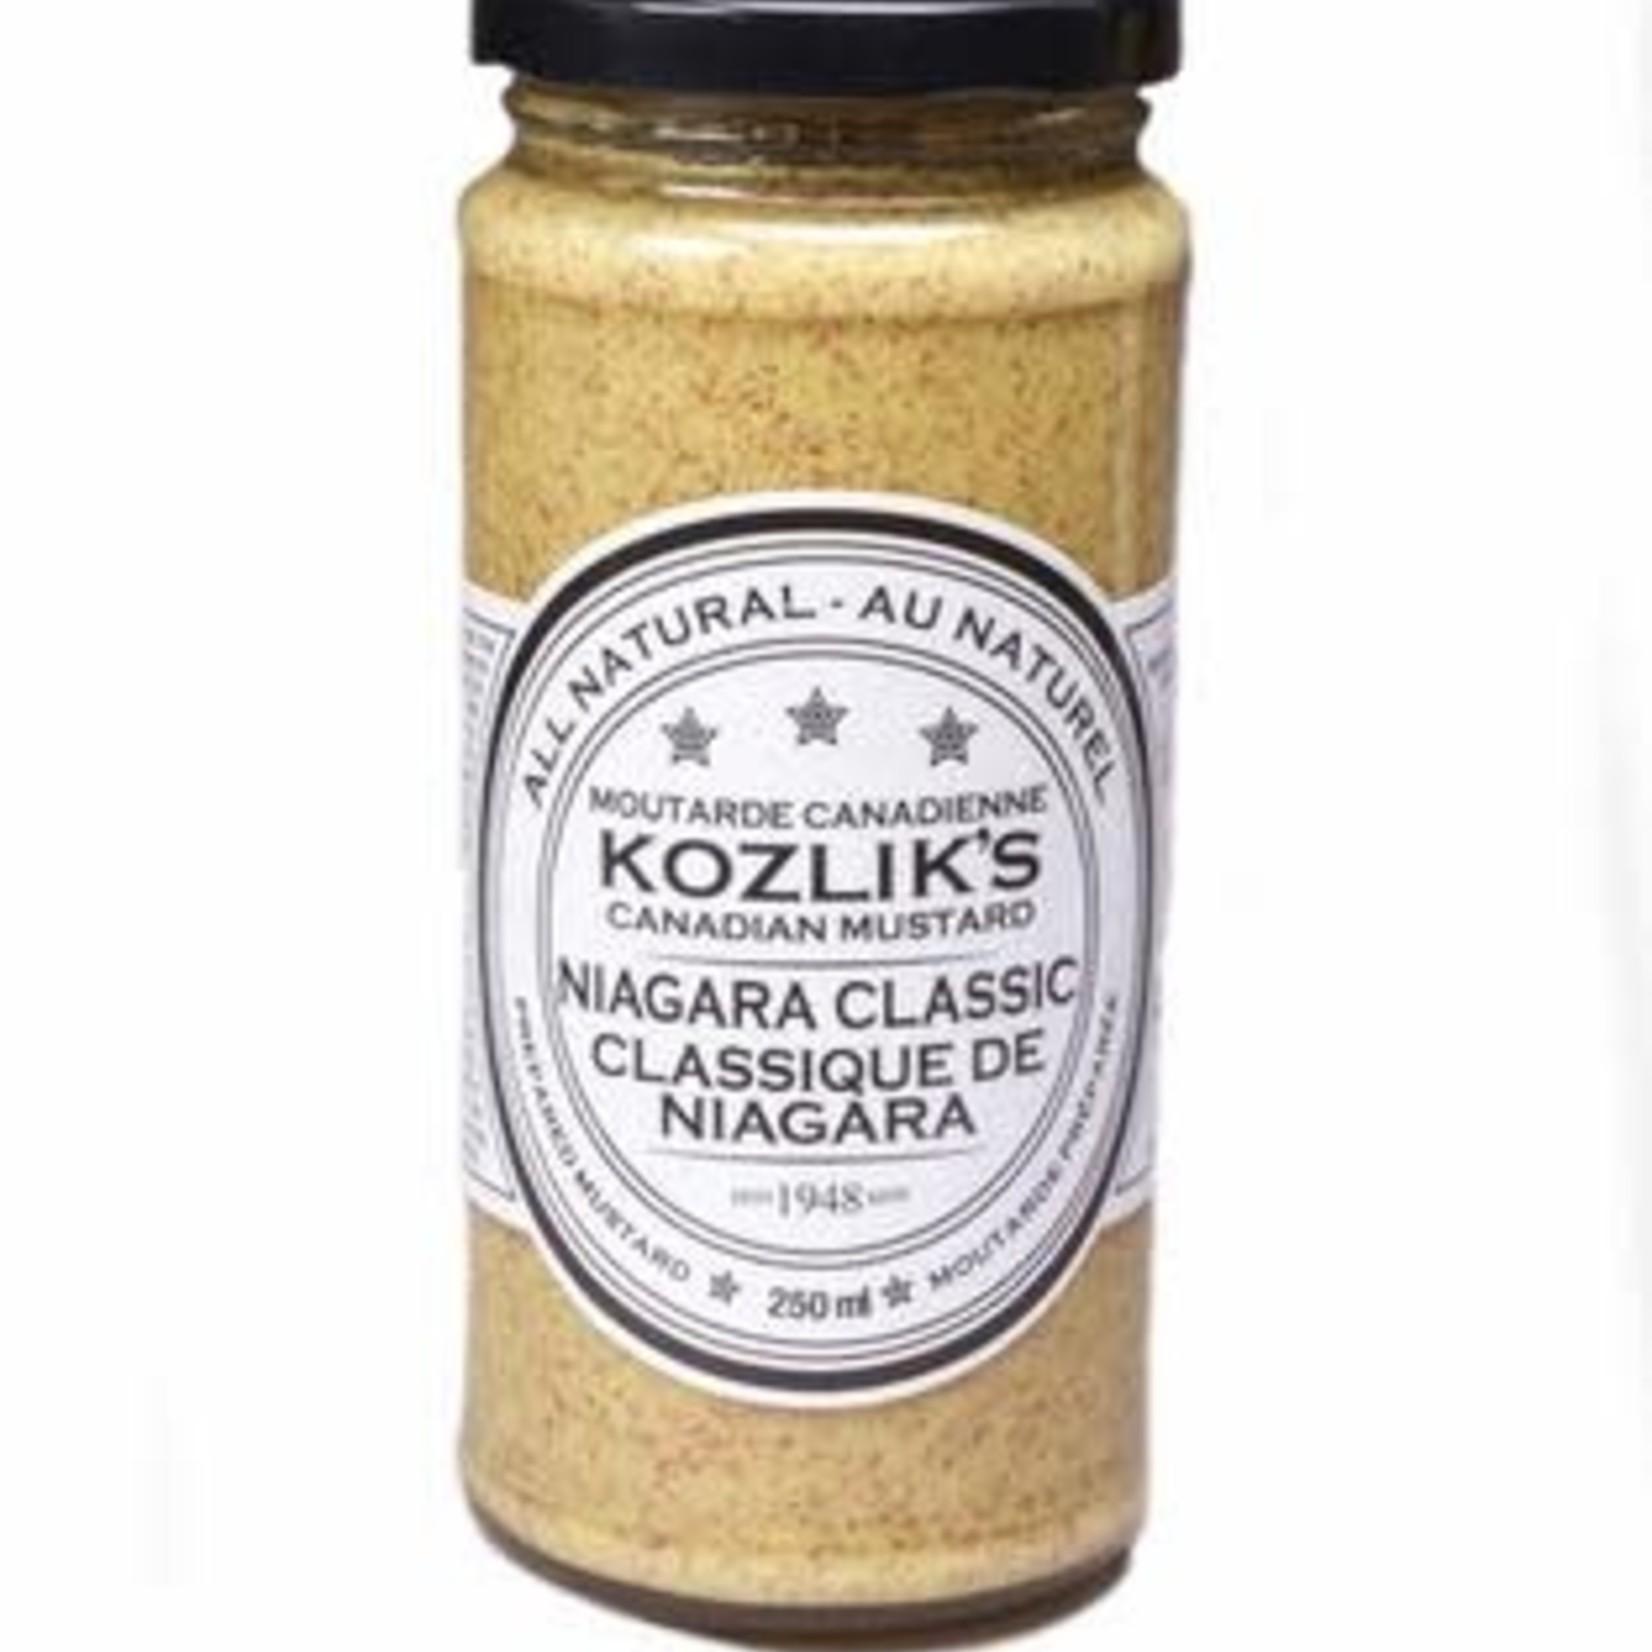 Kozlik's Kozlik's Niagara Classic Mustard 250ml